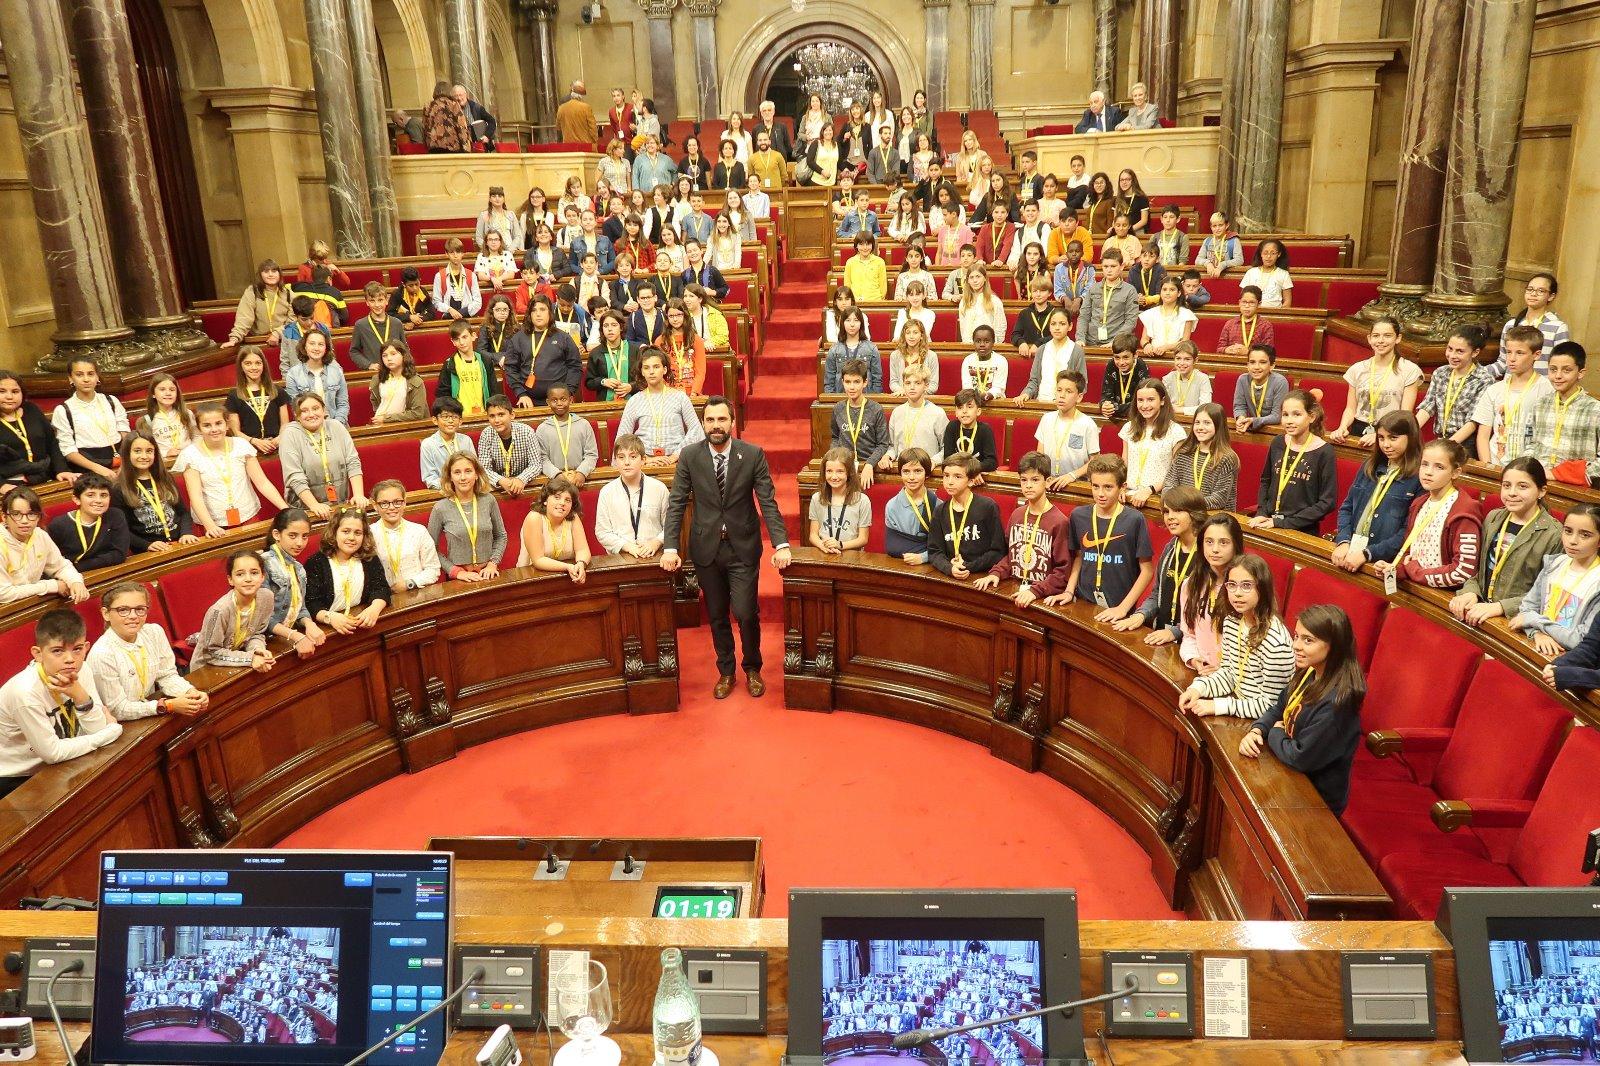 La ZER Guicivervi, de Guimerà, Ciutadilla, Verdú i Vilagrassa, guanyen el XIIè Premi Conviure del Parlament de Catalunya amb un treball sobre la protecció dels animals